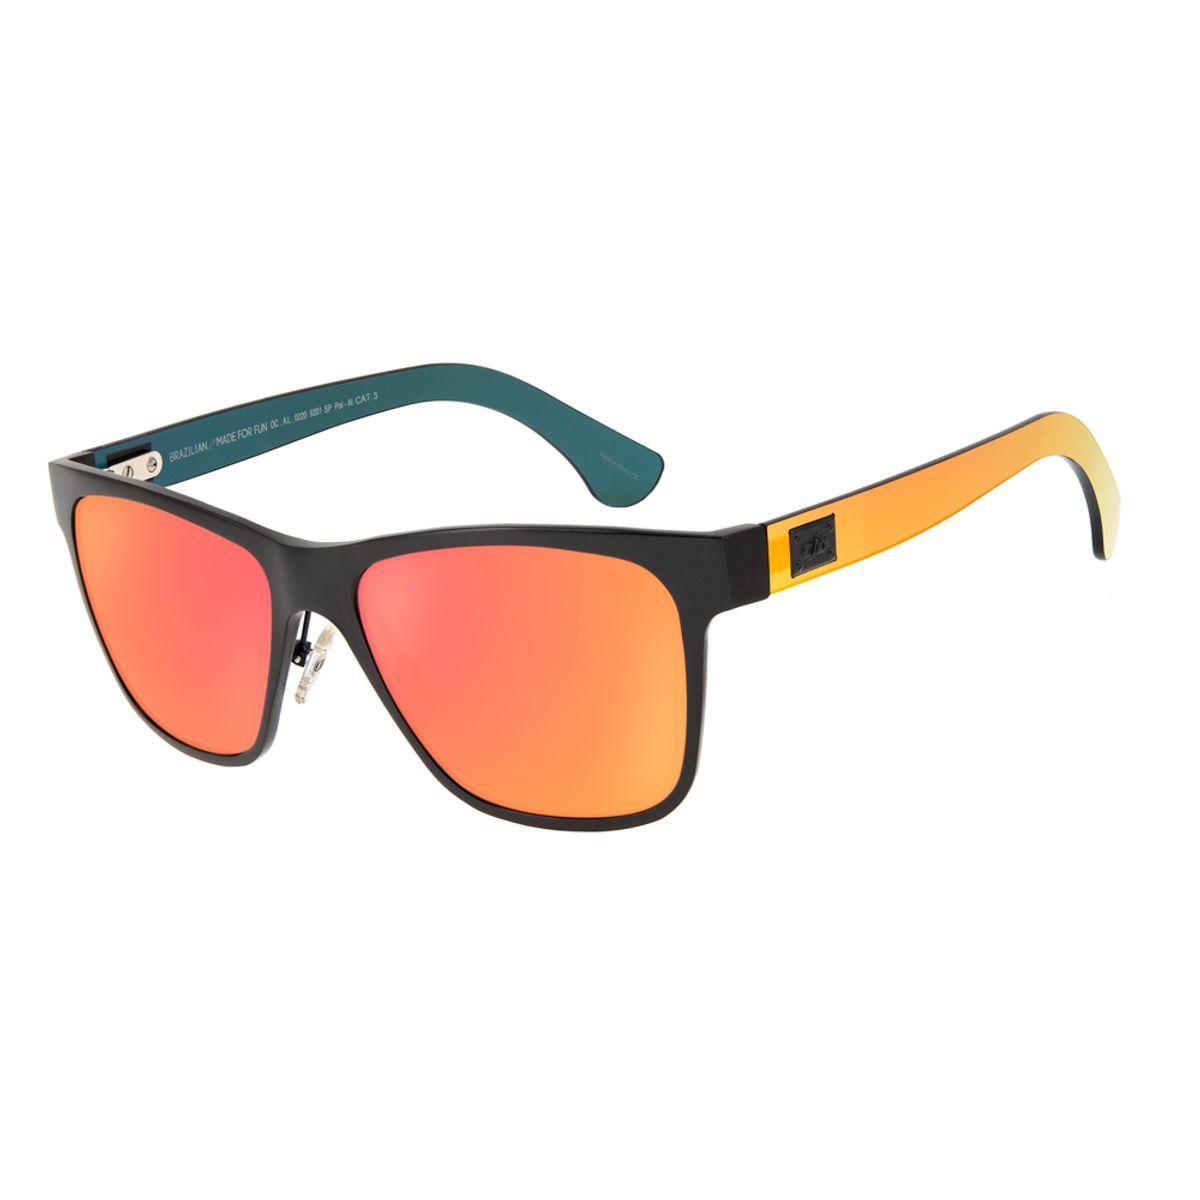 598fa1db59595 Óculos de Sol Chilli Beans Masculino Esportivo Vermelho Espelhado ...